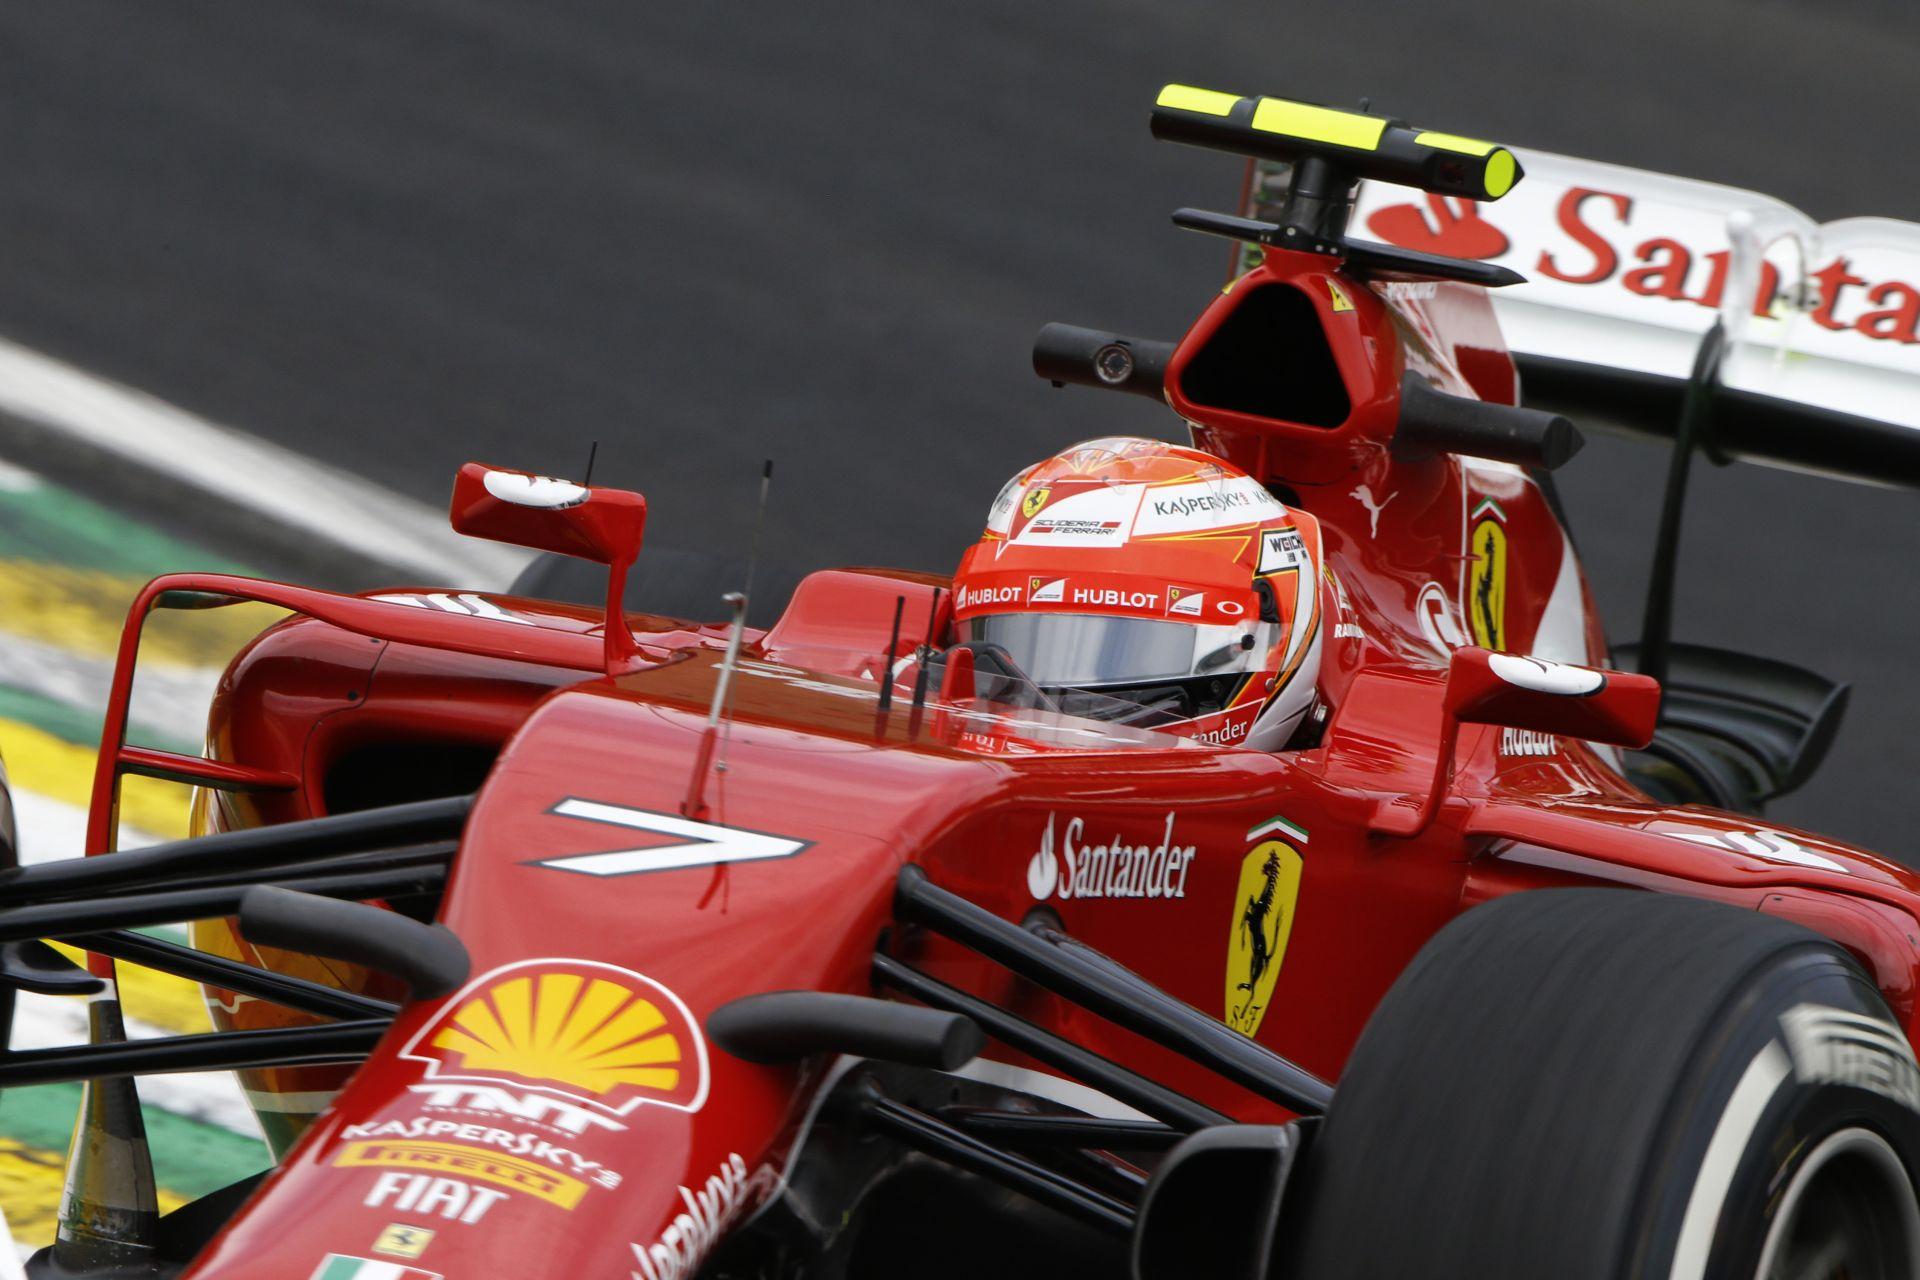 ÉLŐBEN: Már most bukás a 2015-ös Ferrari, Bottas ülhet Raikkönen helyére, Hamilton sorra nyerheti meg az unalmas bajnokságokat…